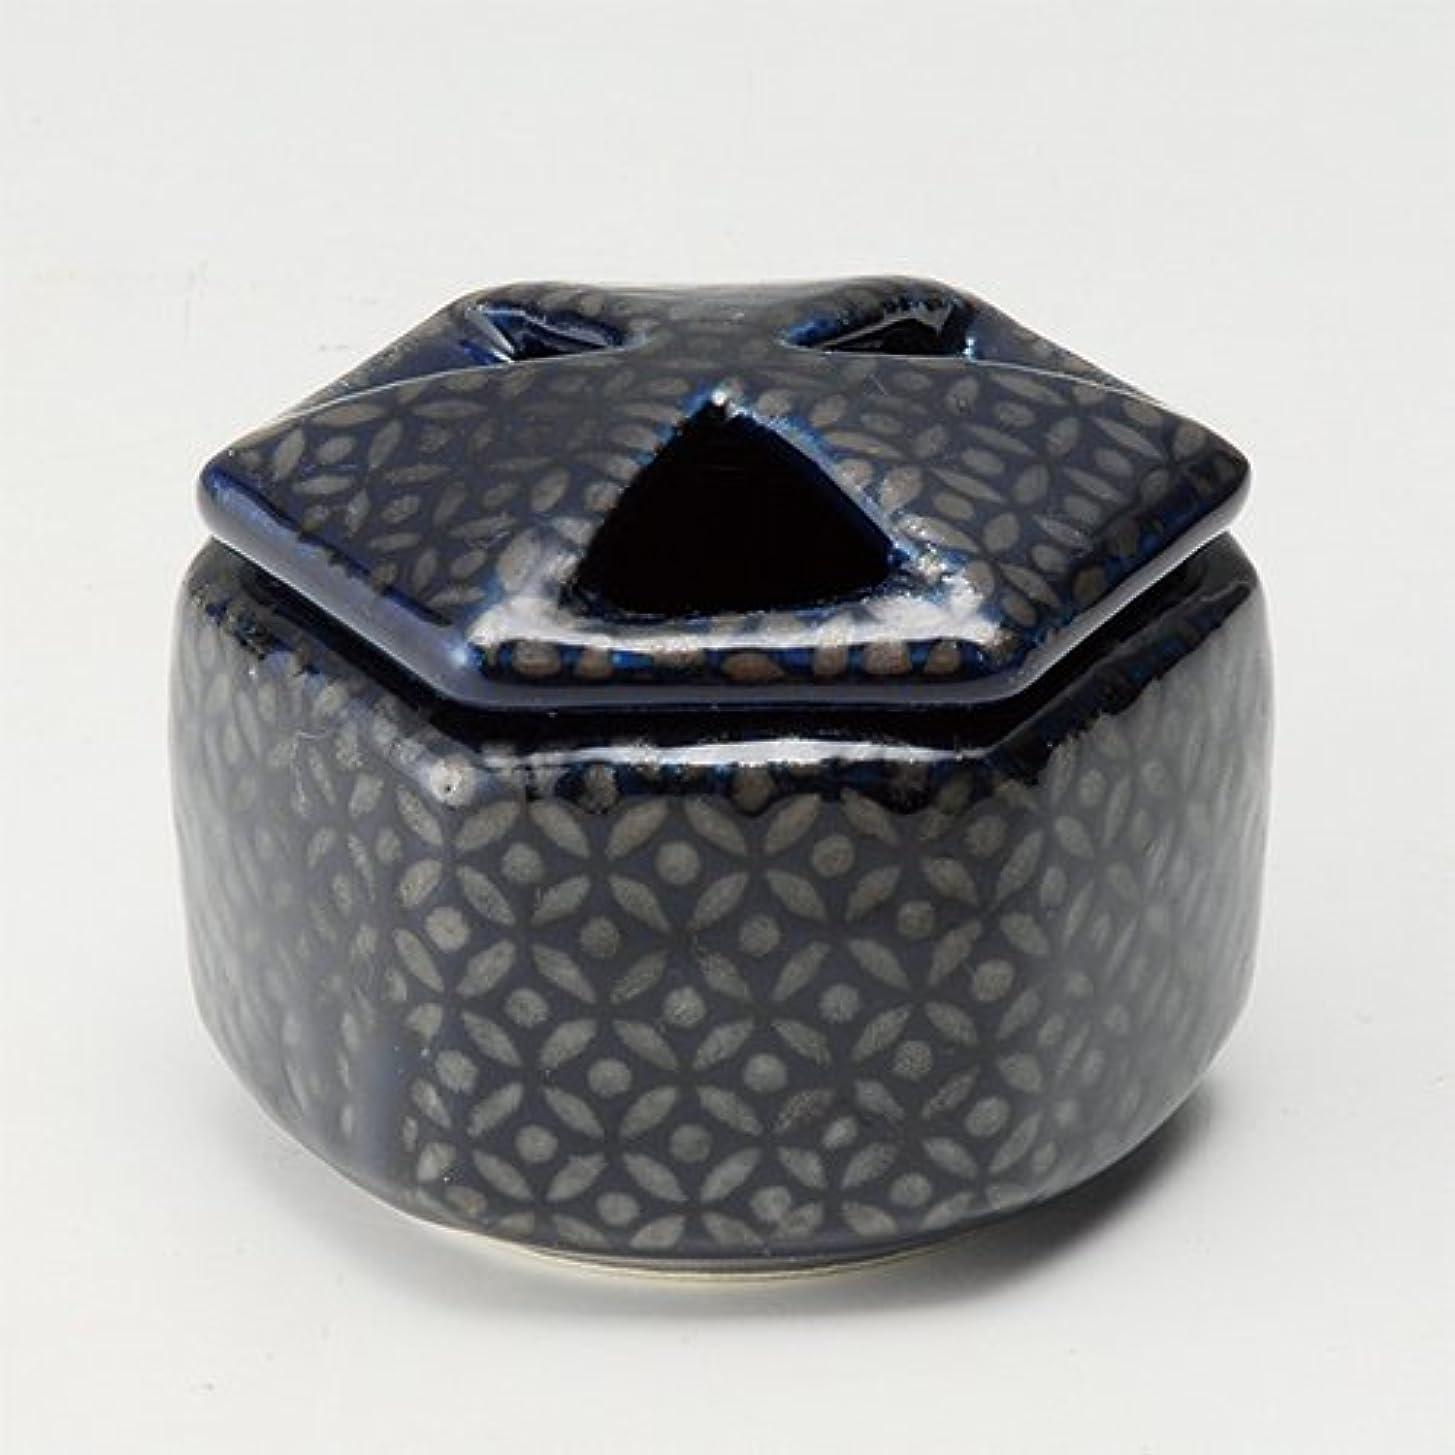 仲人鍔球状香炉 瑠璃七宝 六角香炉 [R8.8xH6.5cm] プレゼント ギフト 和食器 かわいい インテリア